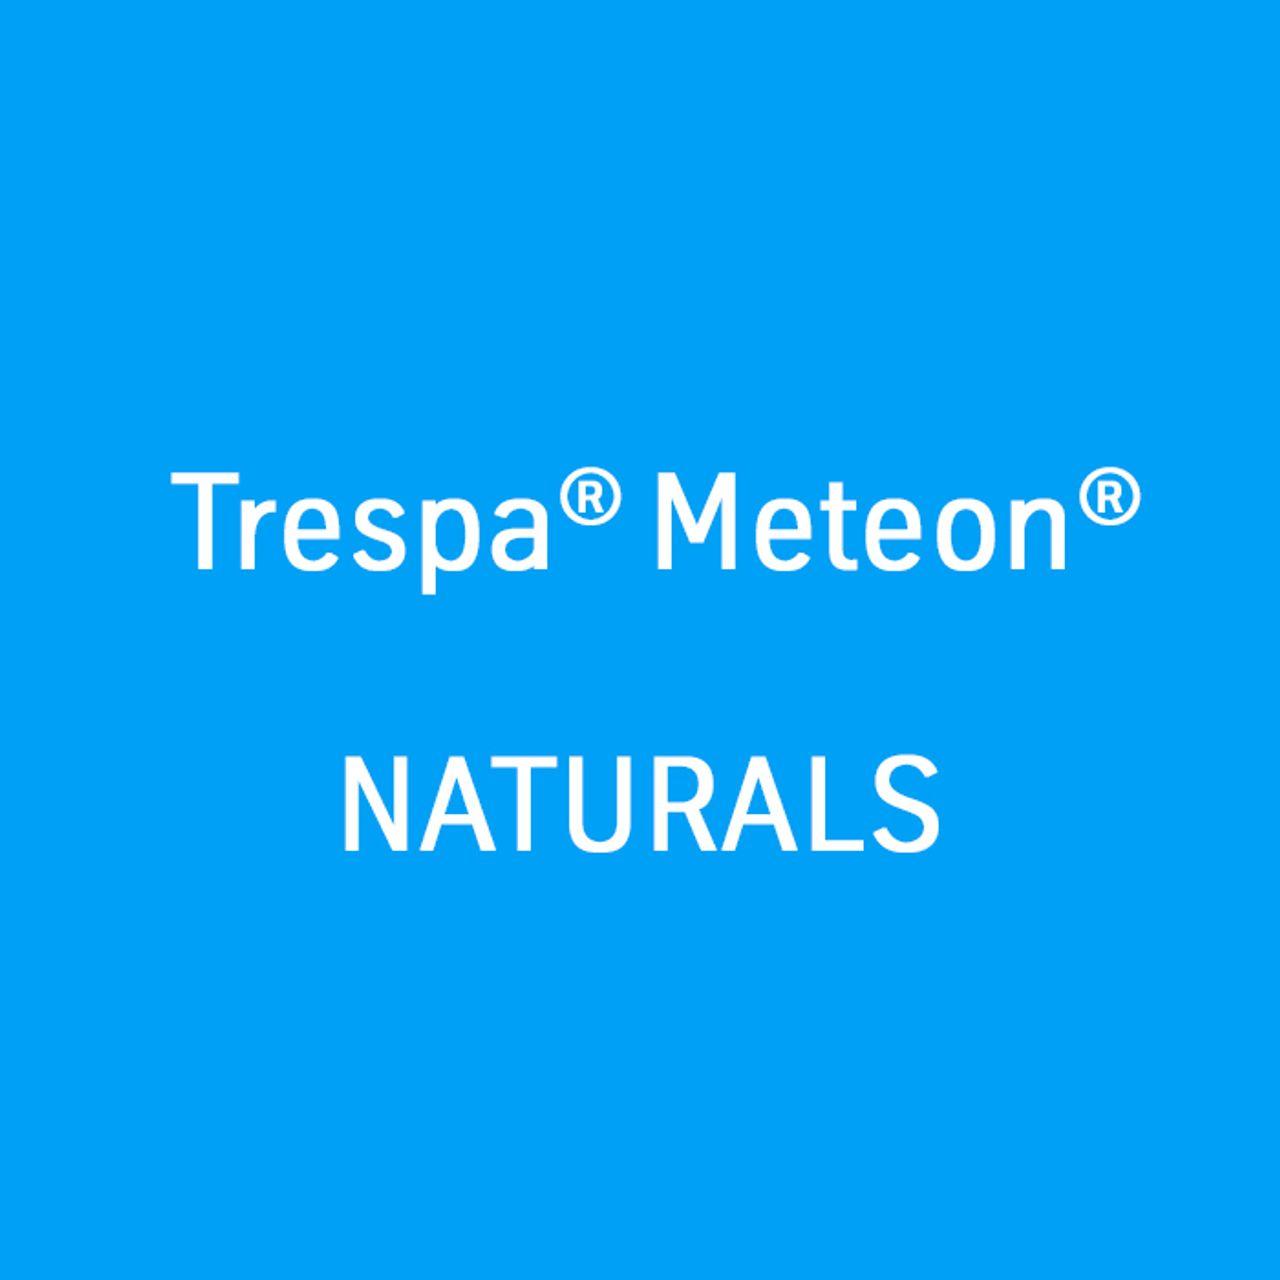 Trespa® Meteon® NATURALS